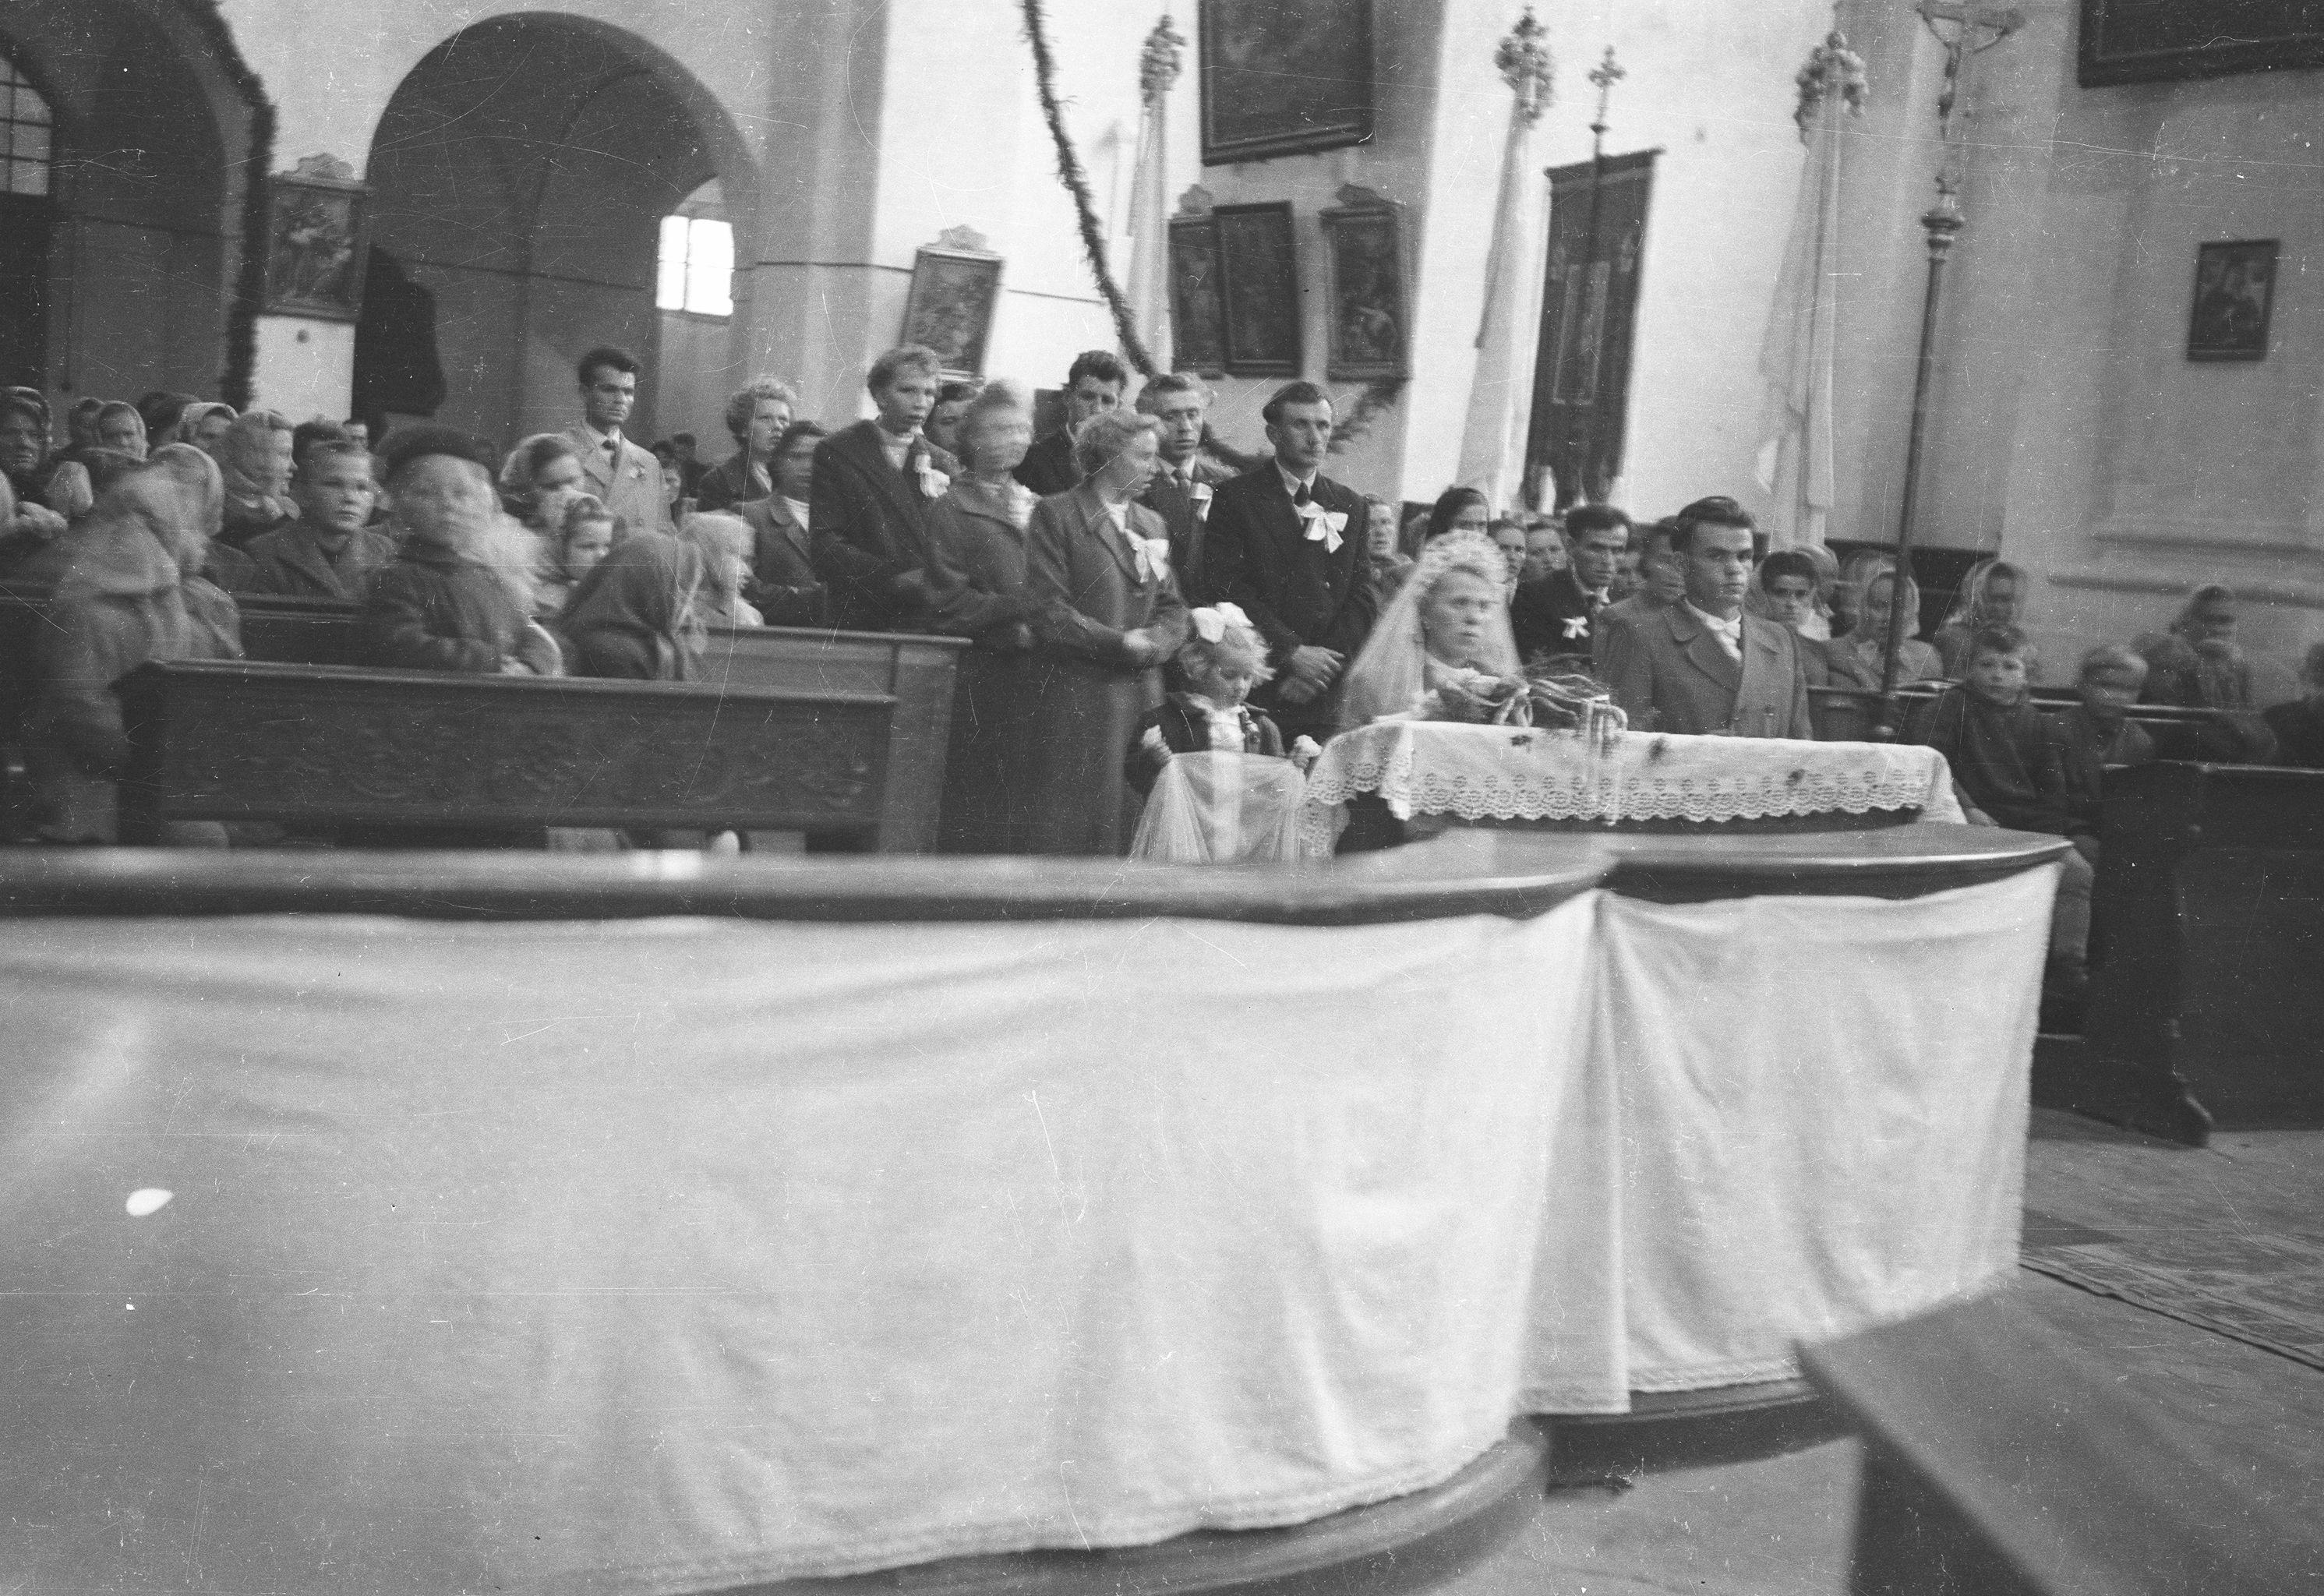 Ślub Marii Śmigiero z Bronisławem Janczakiem, Głębowice, Dolny Śląsk, lata 50. XX w.